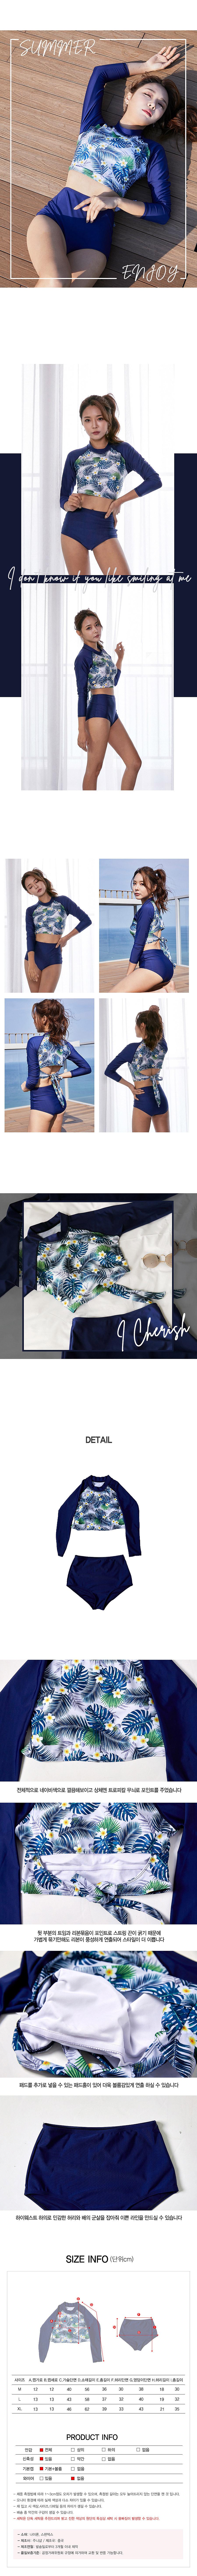 남성수영복,여성수영복,커플래쉬가드,긴팔수영복,남자래쉬가드세트,비키니커버업,비치타올,여성래쉬가드,나시원피스,래쉬가드